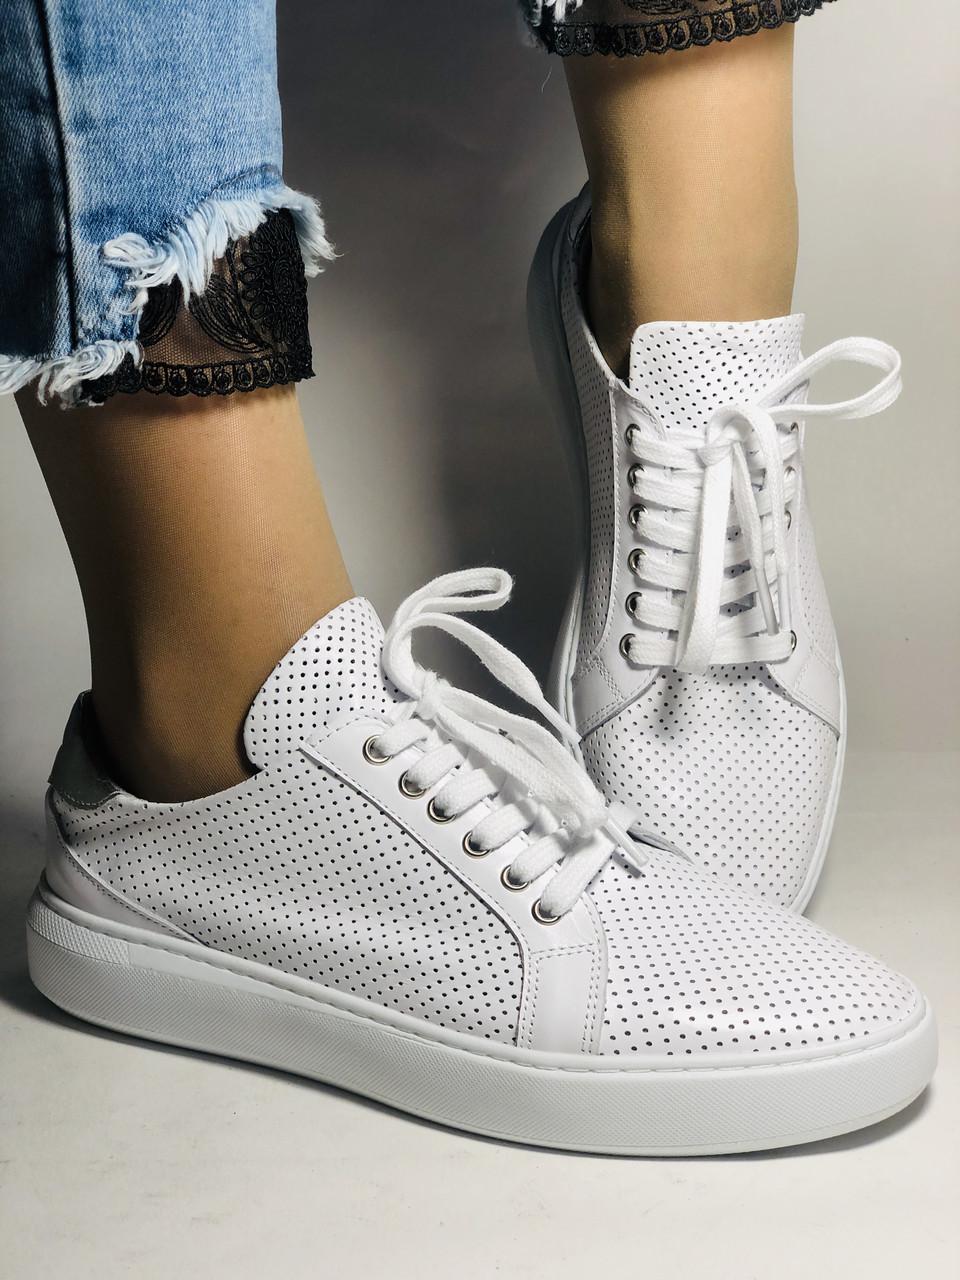 Стильні жіночі кеди-взуття на платформі.Туреччина. Натуральна шкіра. Висока якість 36.38.39.40 Vellena